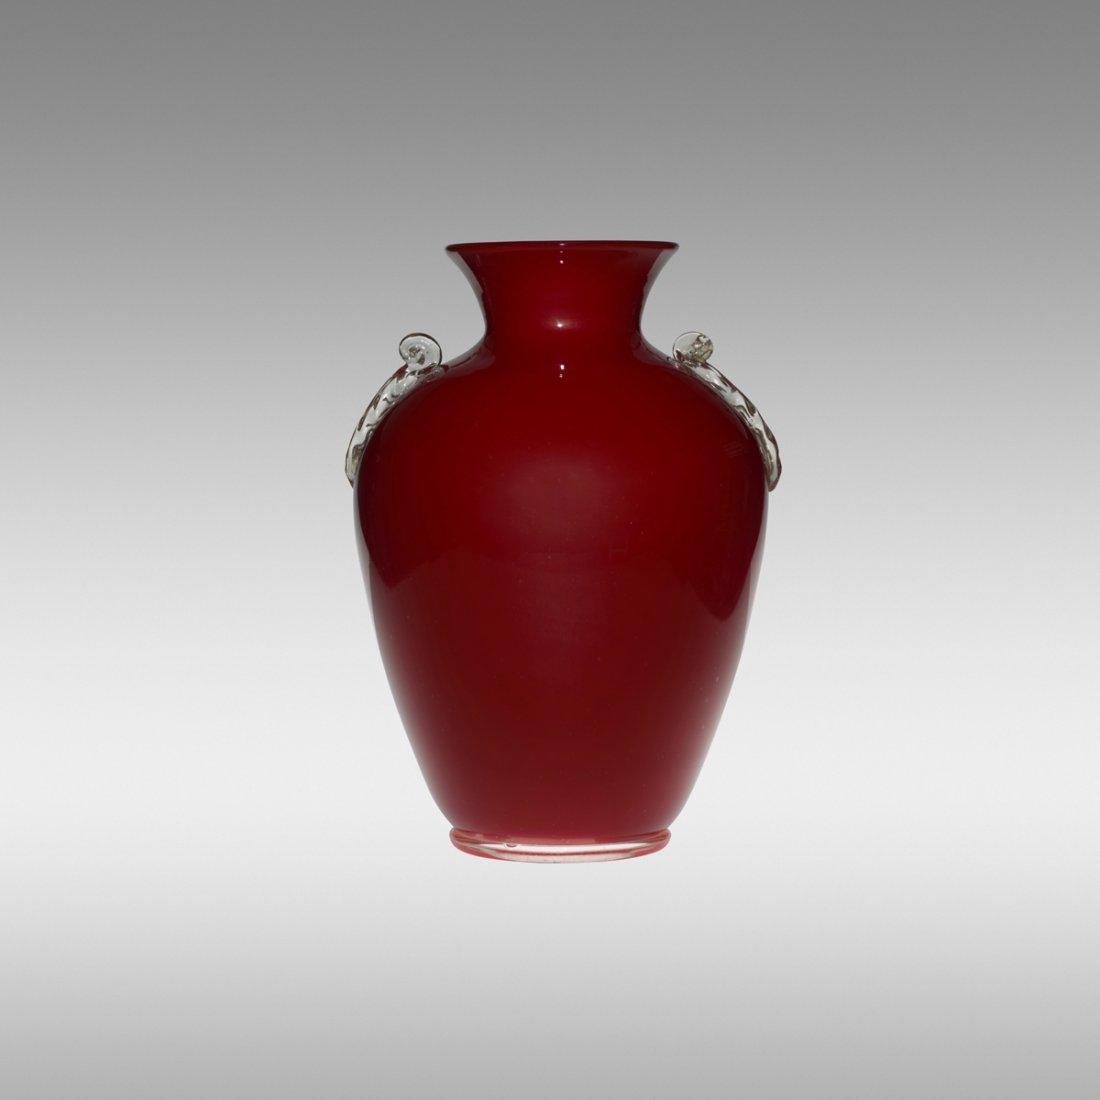 120: Barovier Seguso & Ferro monumental vase